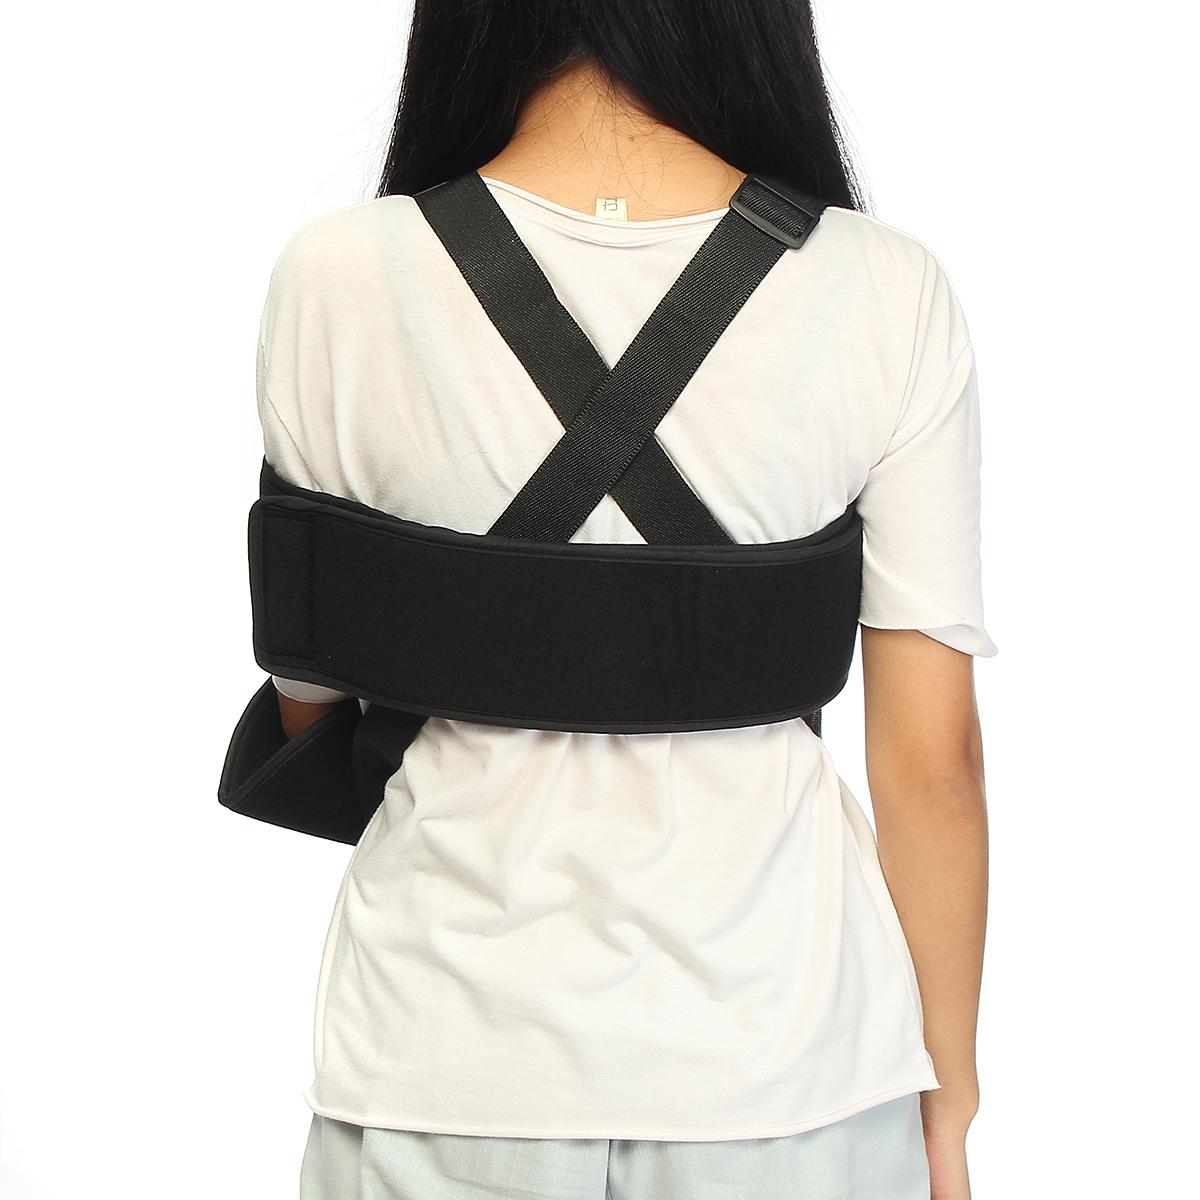 Adjustable Medical Arm Shoulder Holding Brace Elbow Support Wrap Strap Belt